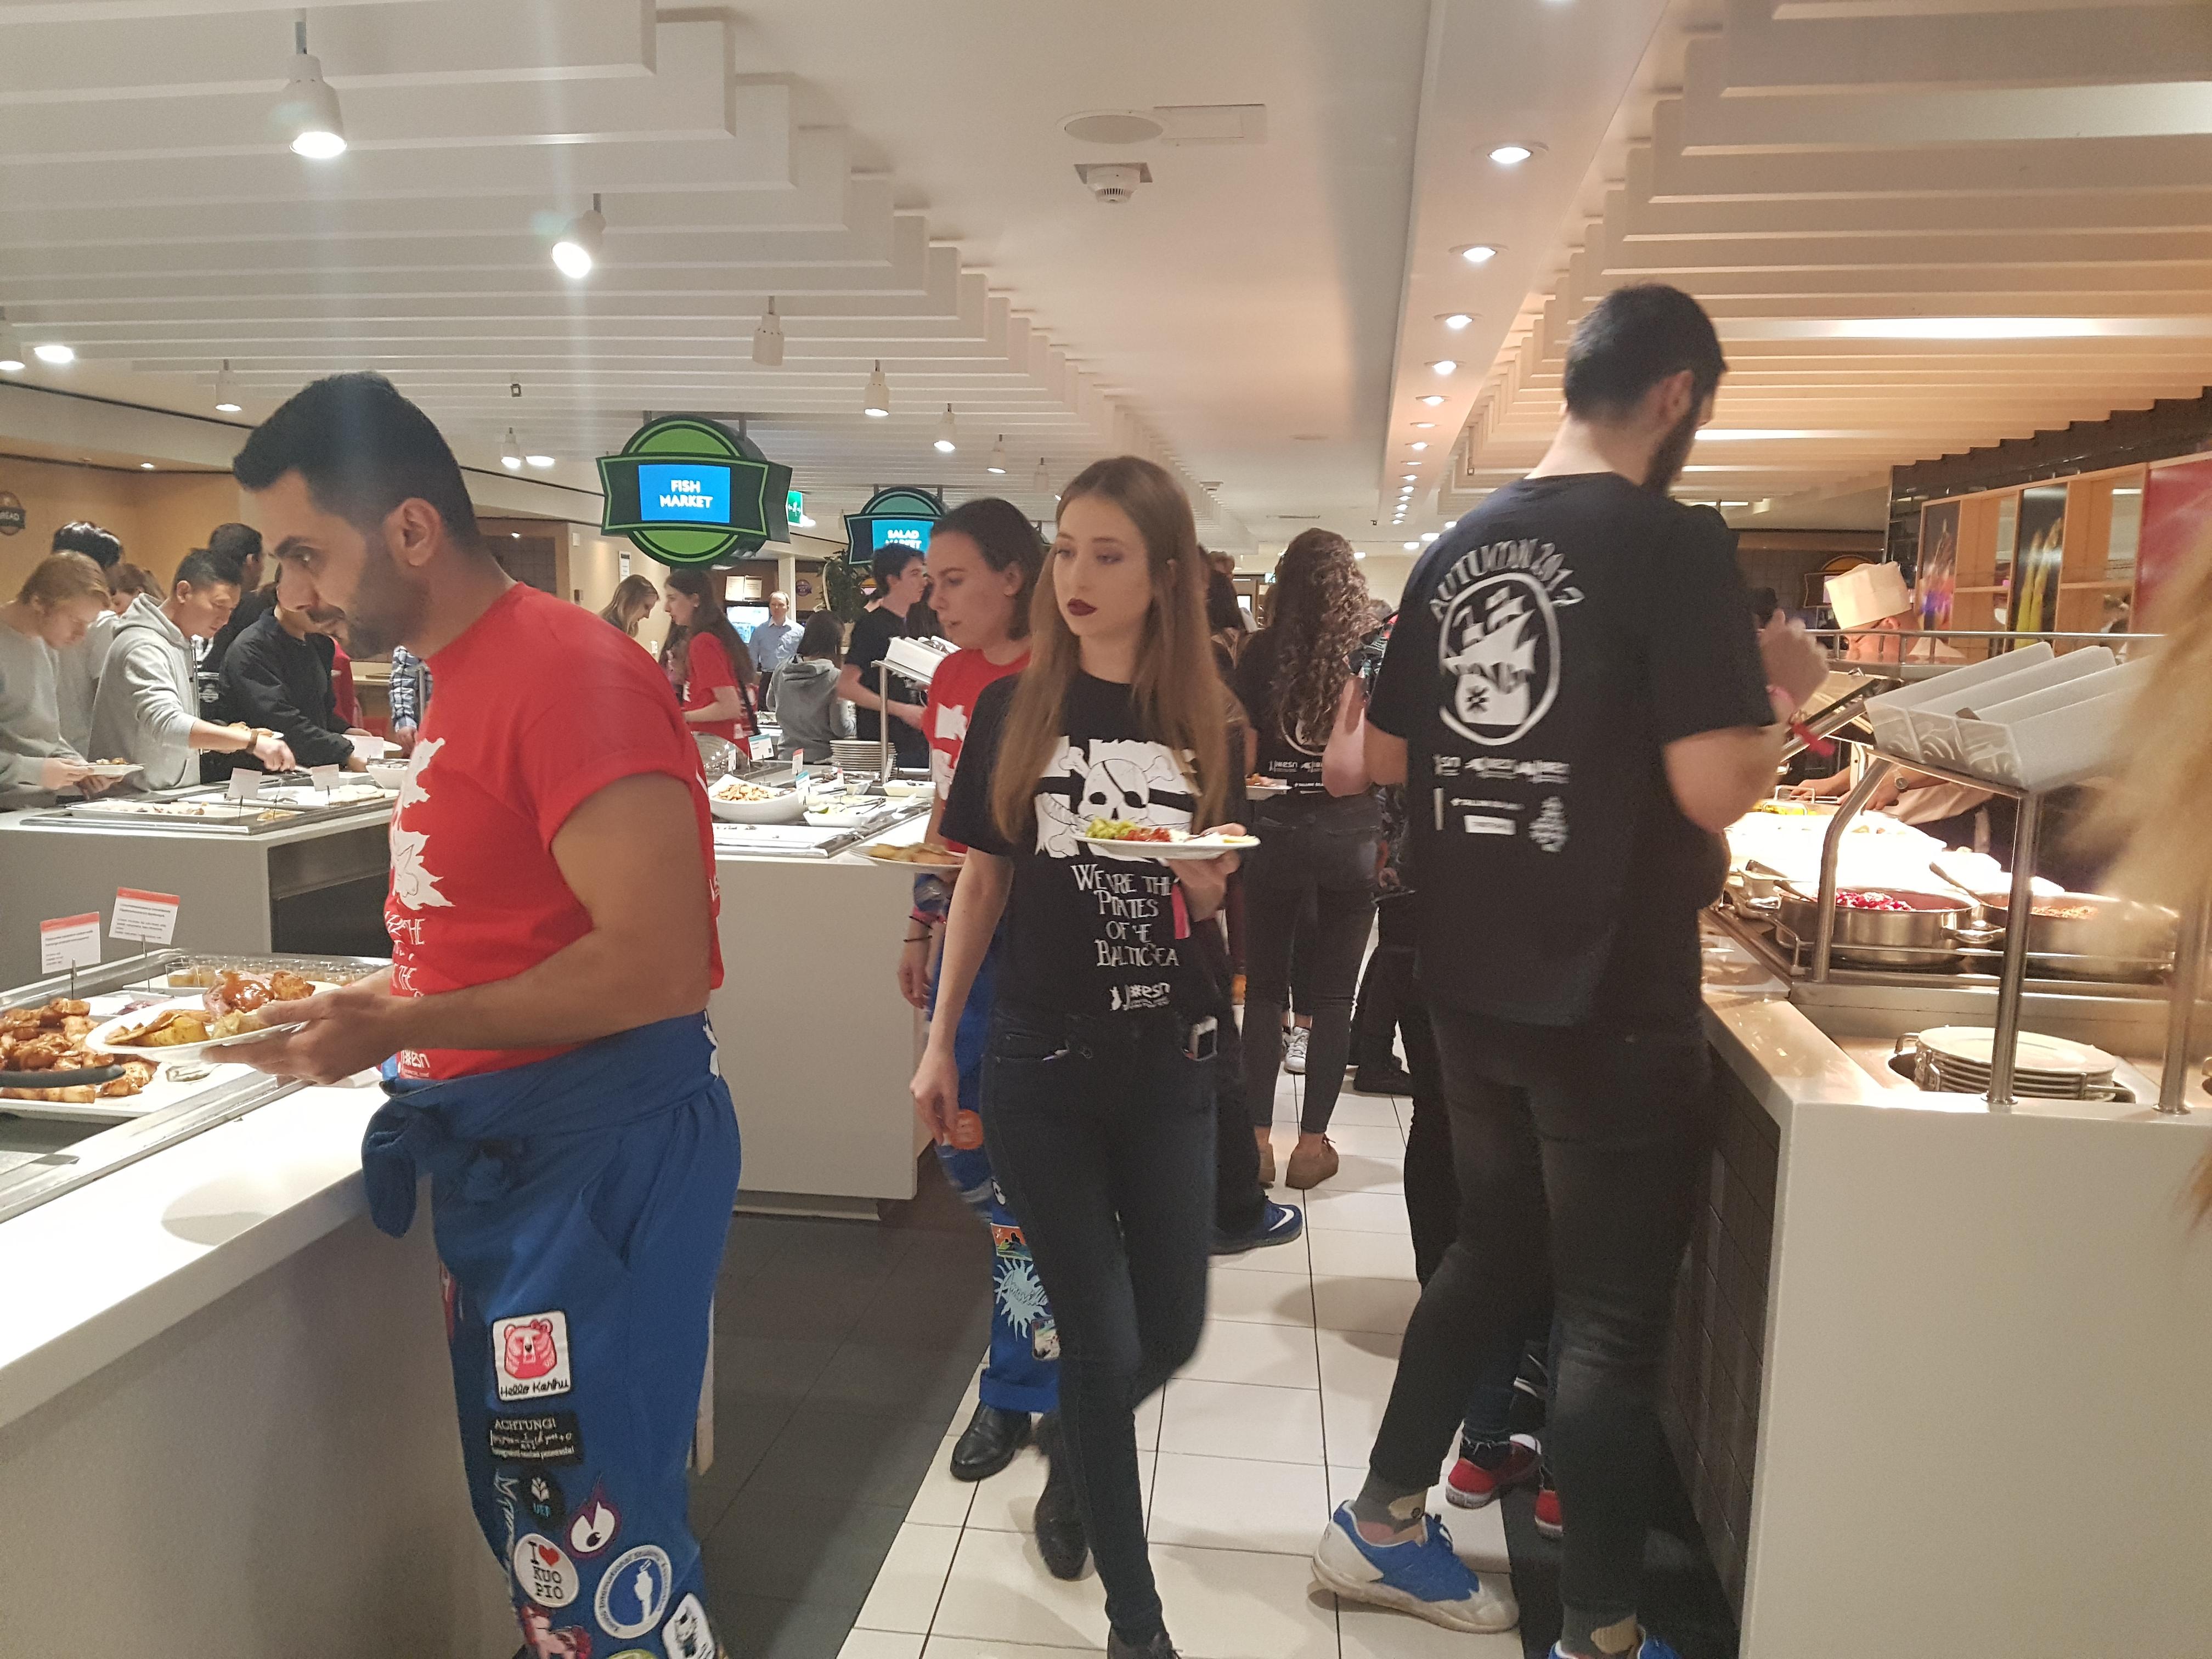 Das All-you-can-eat Buffet auf dem Schiff